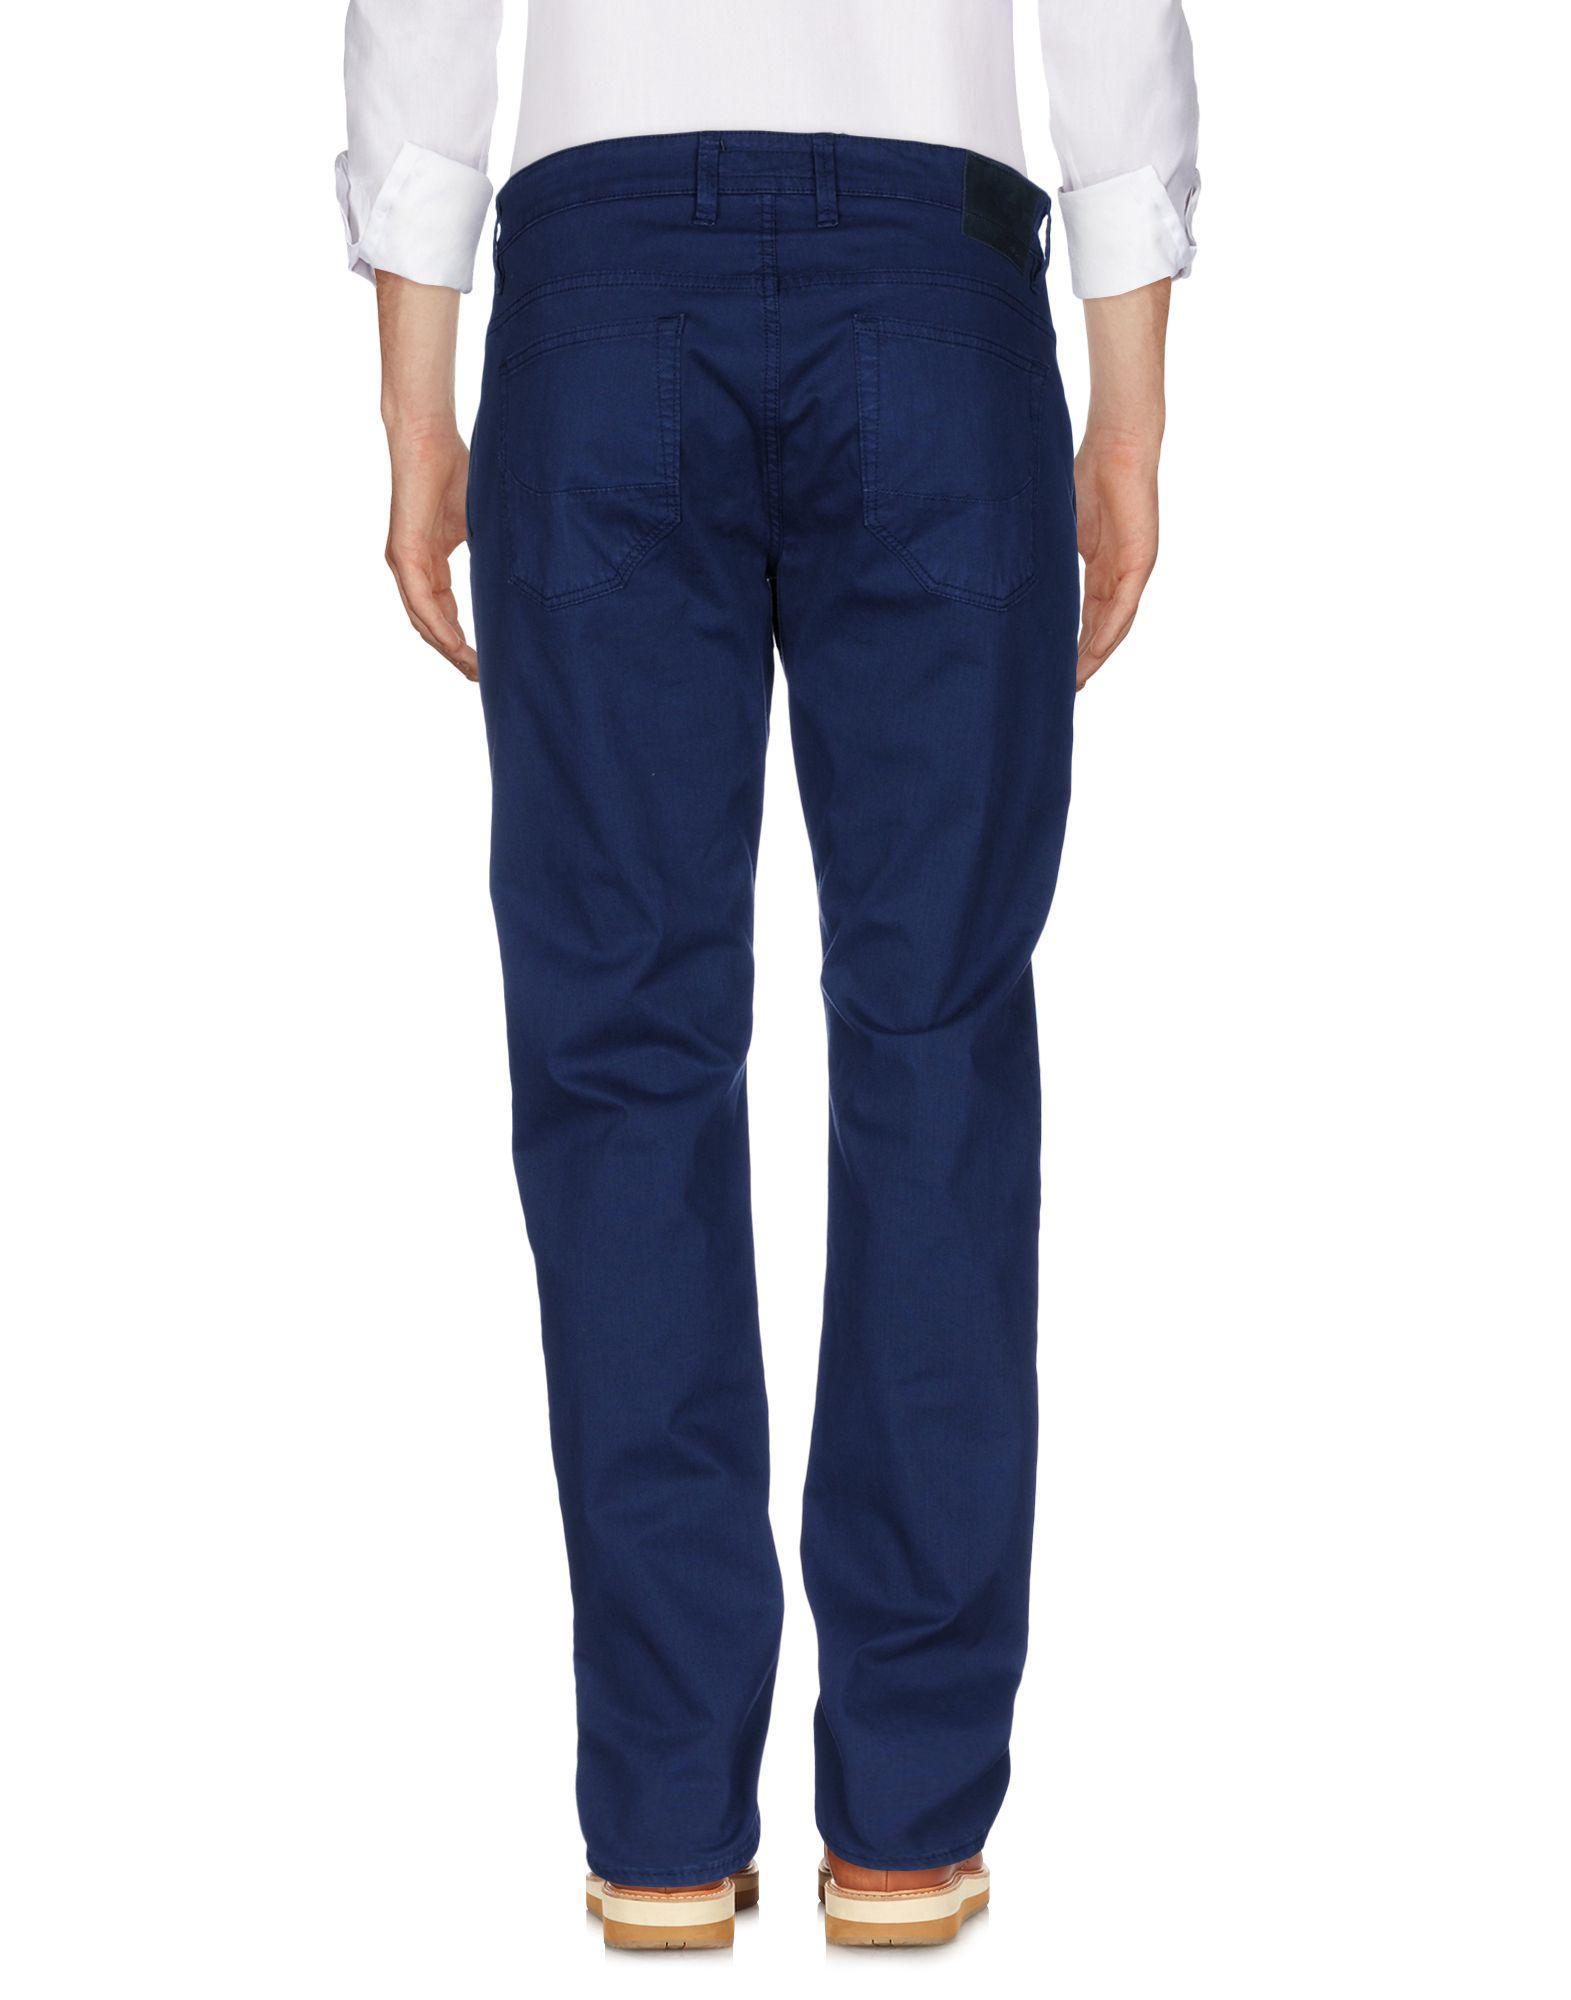 Siviglia Leather Casual Trouser in Dark Blue (Blue) for Men